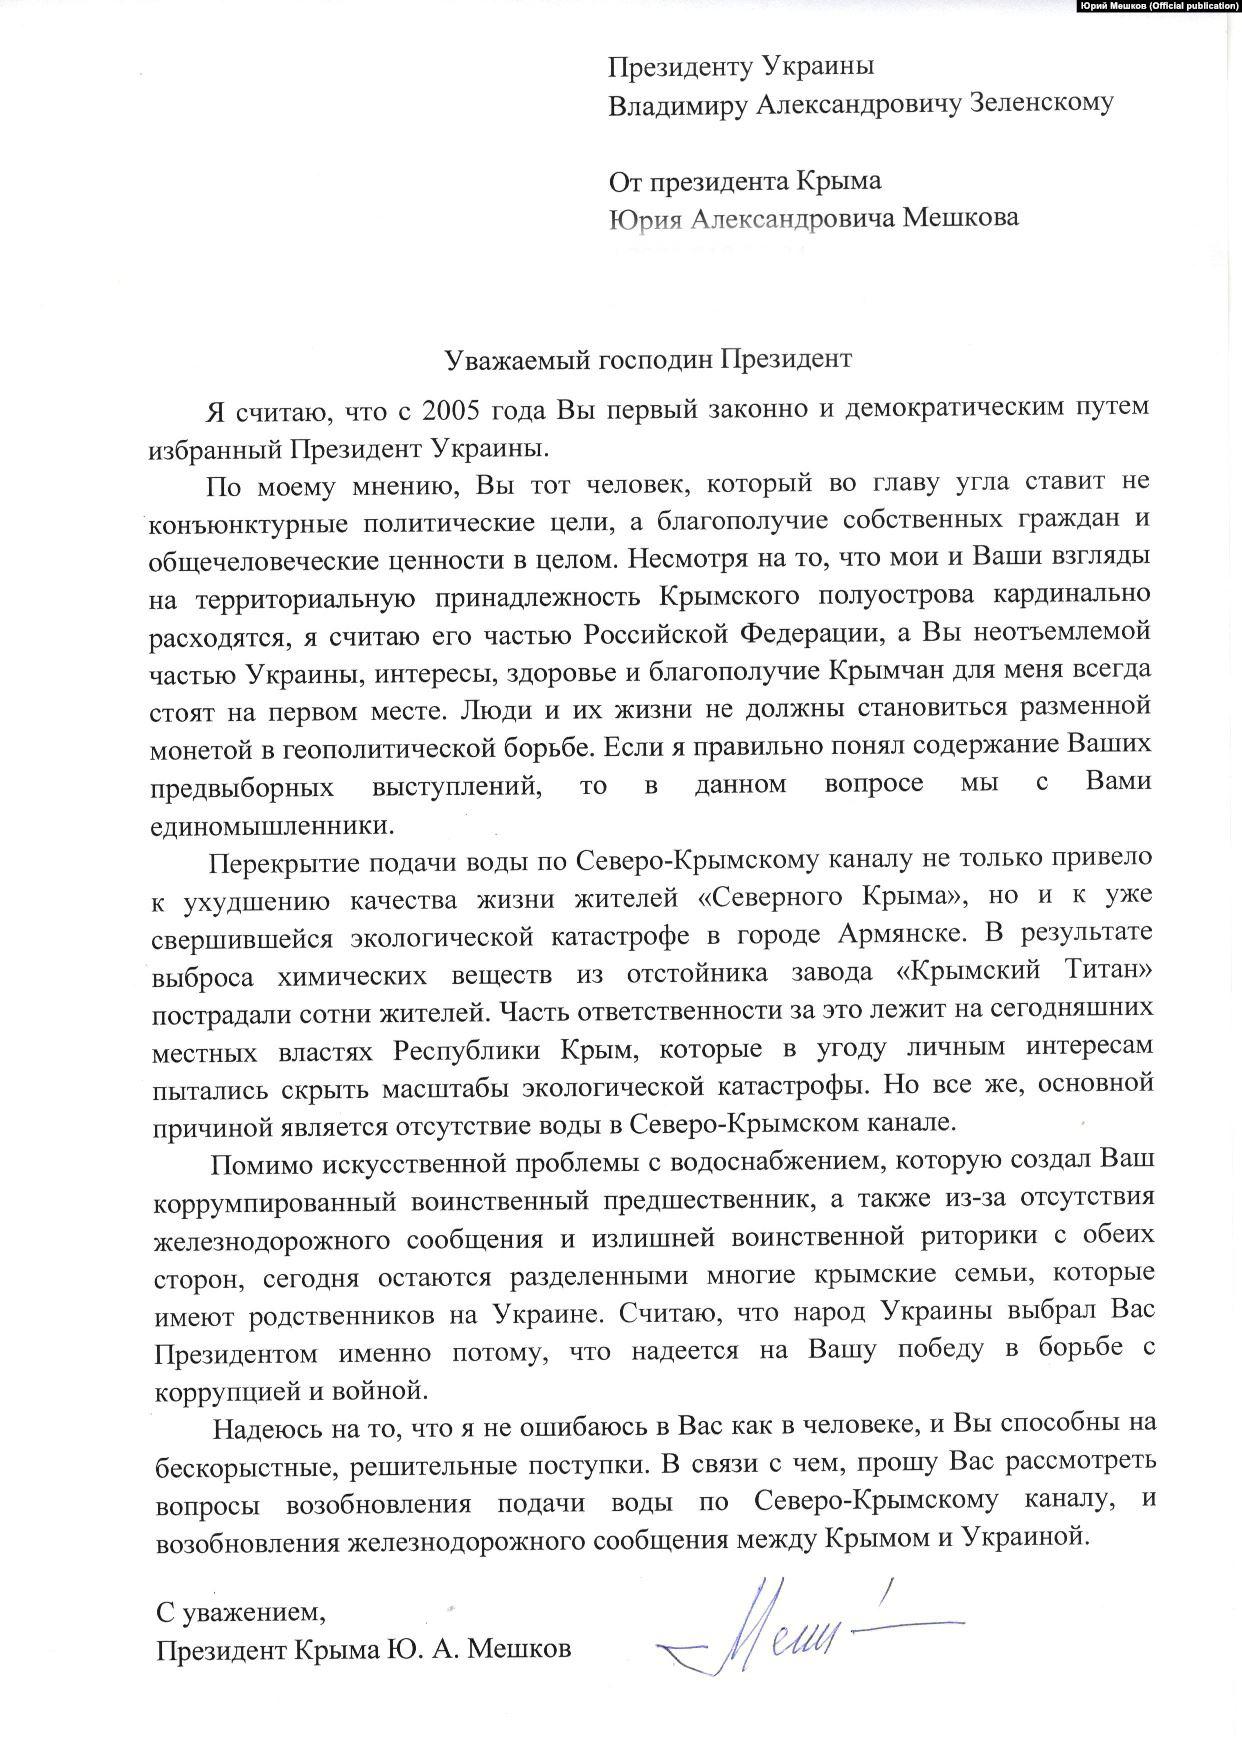 Зеленского просят вернуть воду и поезда в оккупированный Крым: подробности